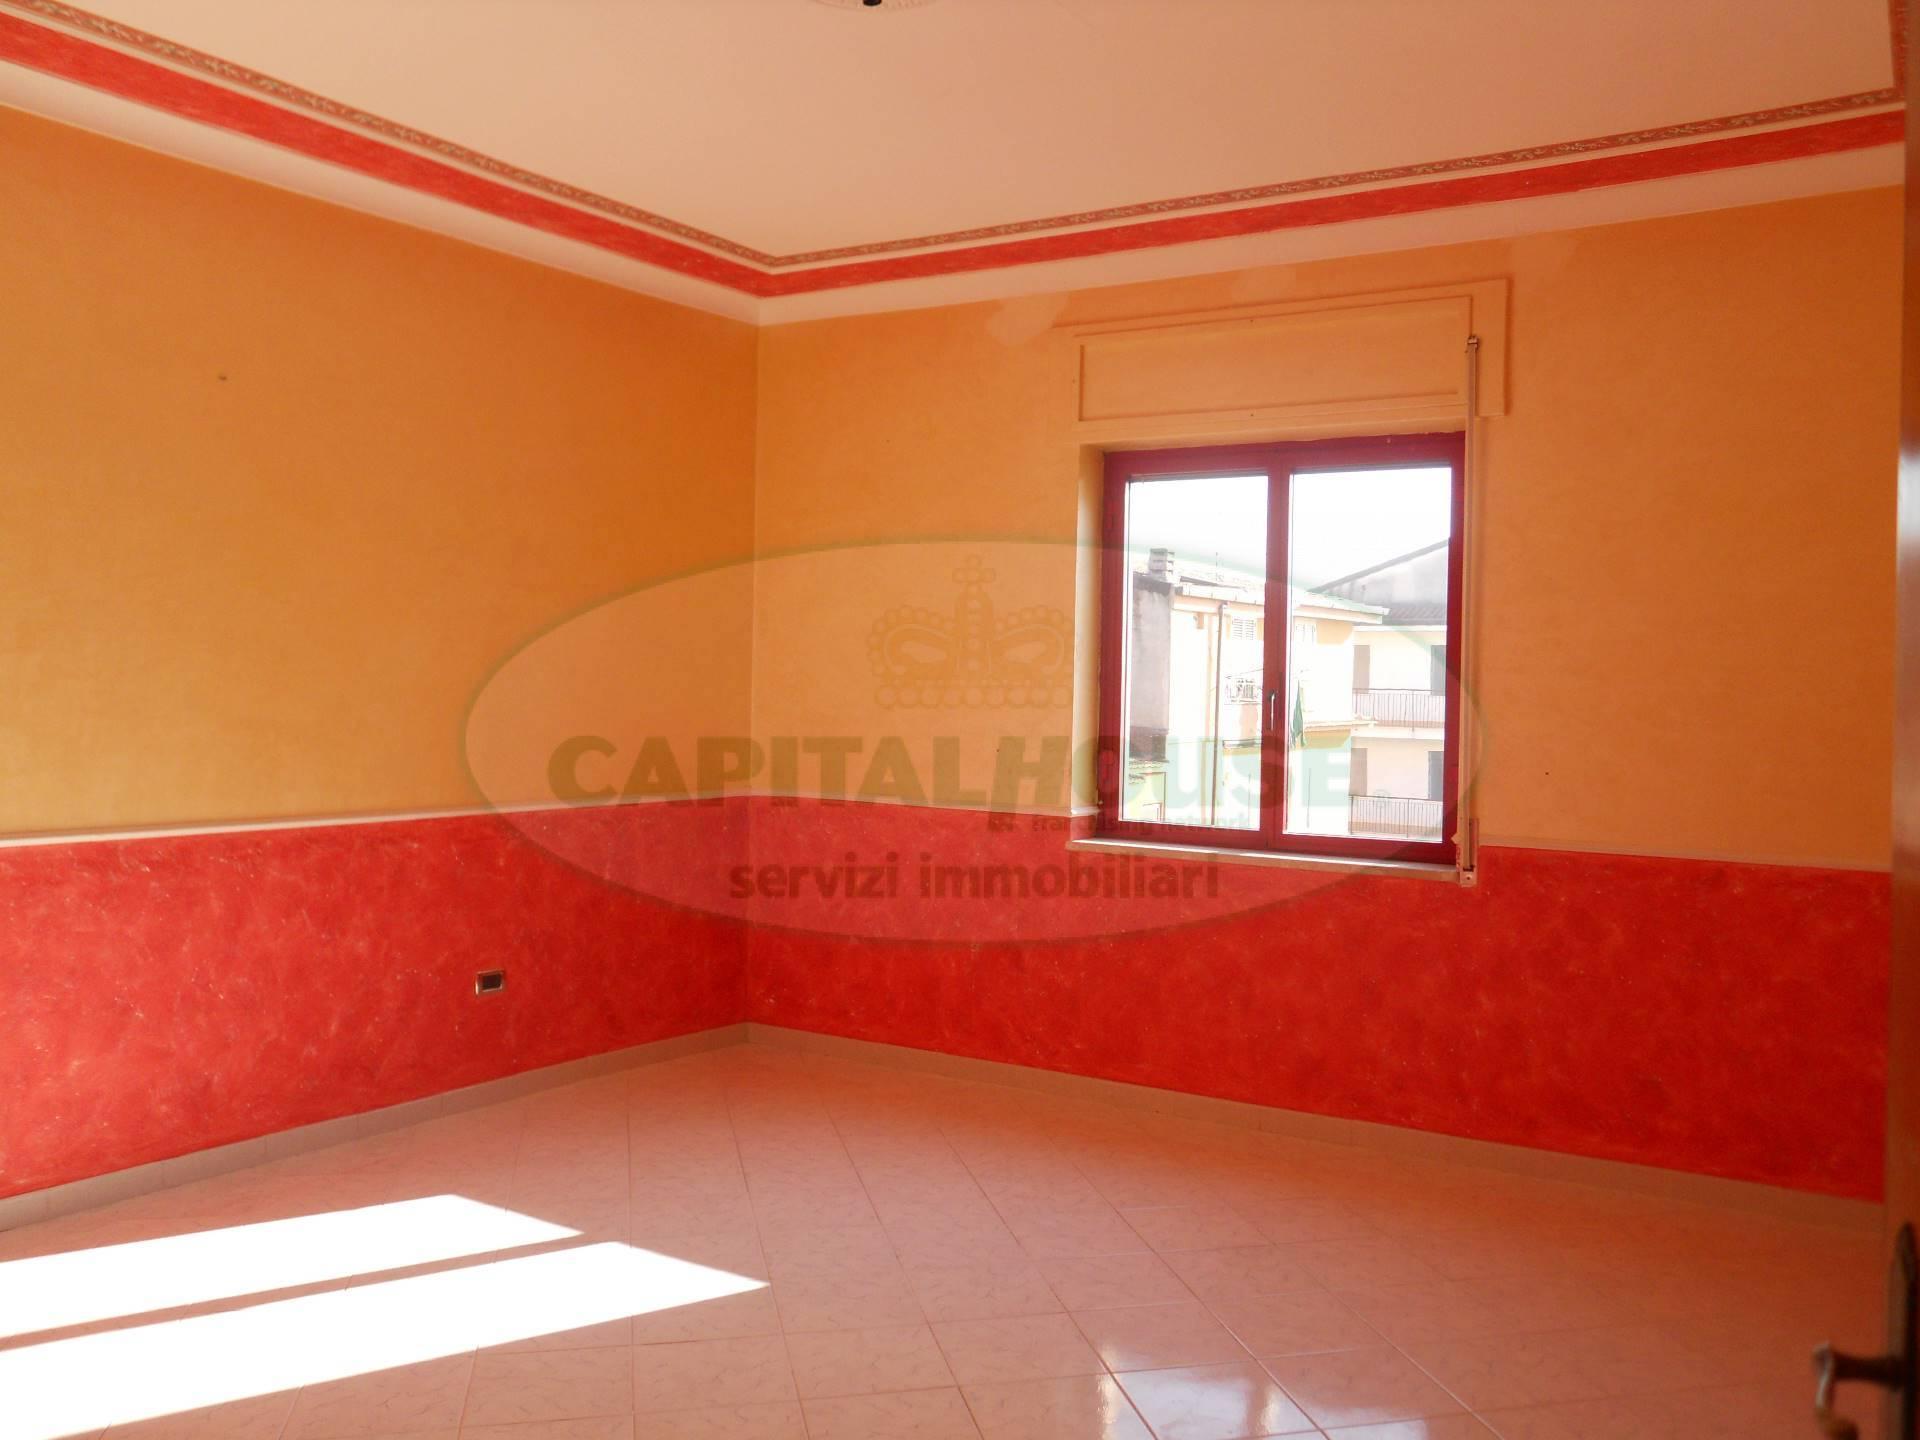 Appartamento in vendita a Vitulazio, 4 locali, prezzo € 80.000 | PortaleAgenzieImmobiliari.it